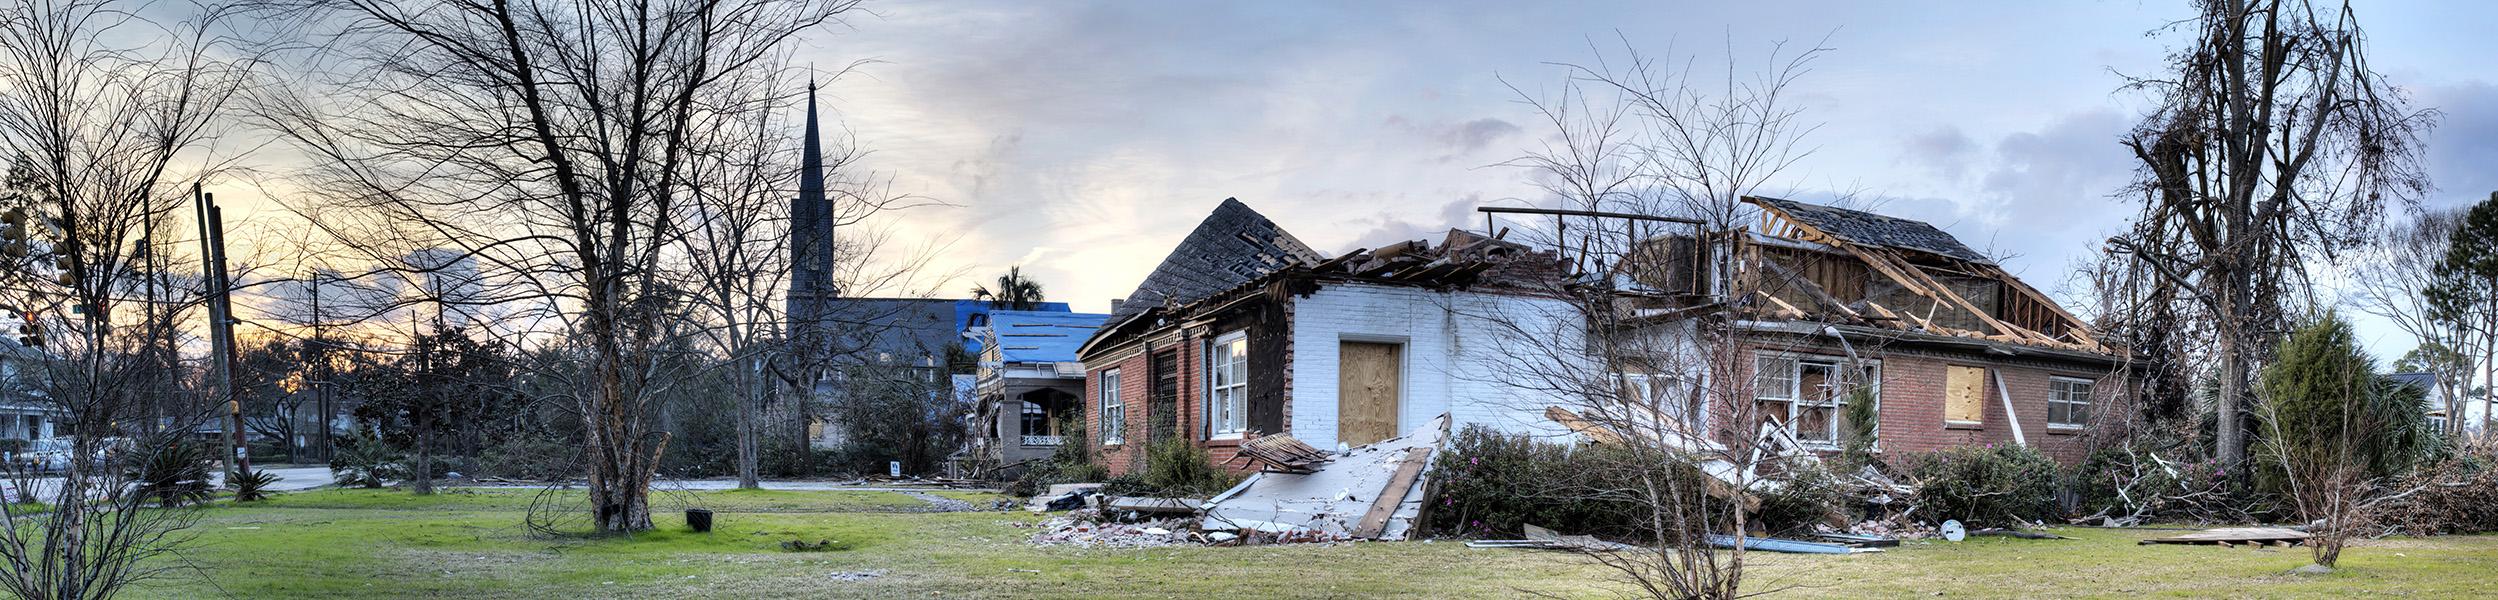 2012 Christmas Twister Damage | Midtown Mobile, Alabama